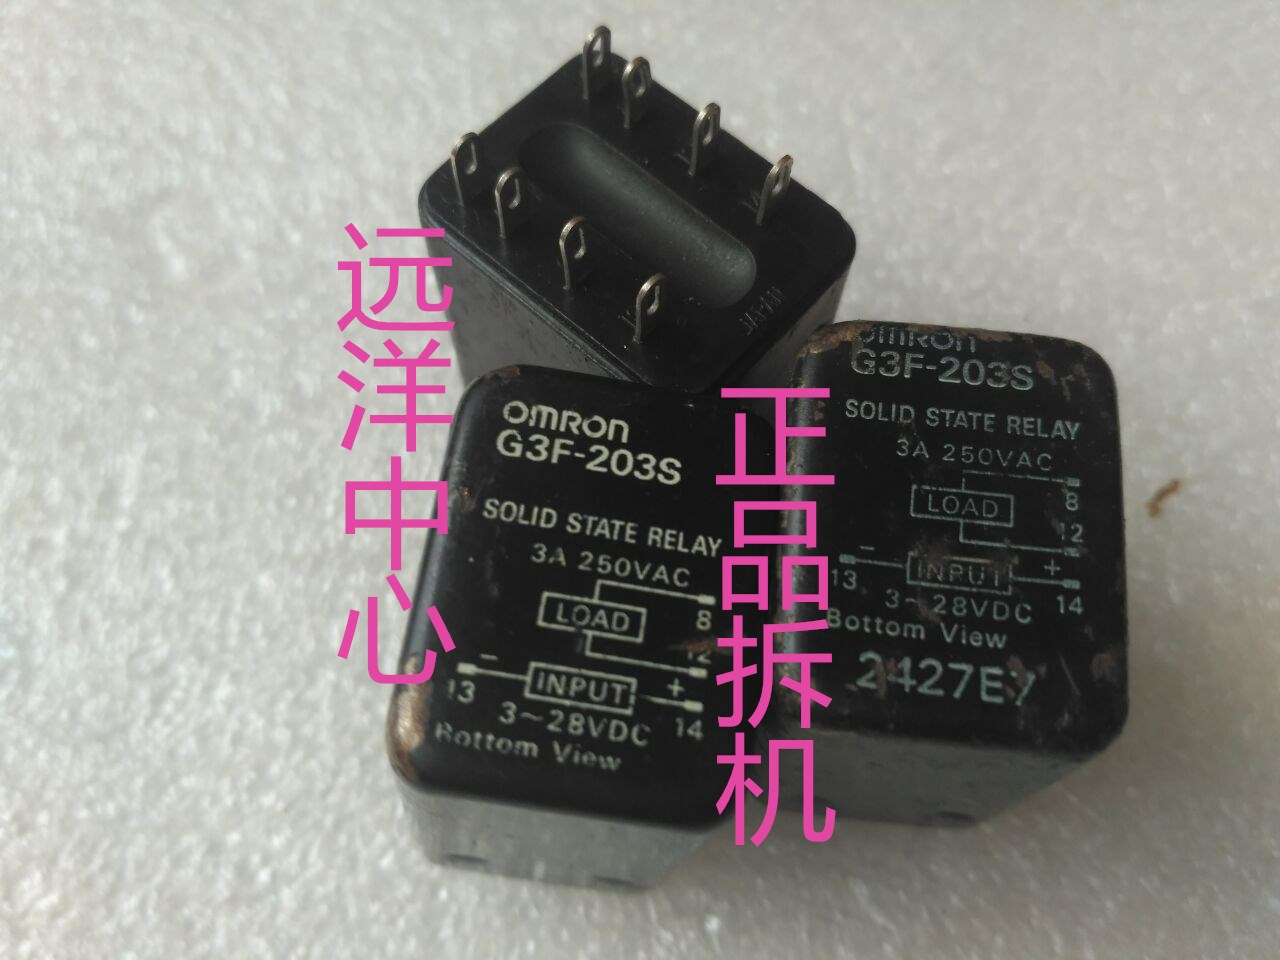 G3F-203S 3-28VDC 3A250VACG3F-203S 3-28VDC 3A250VAC